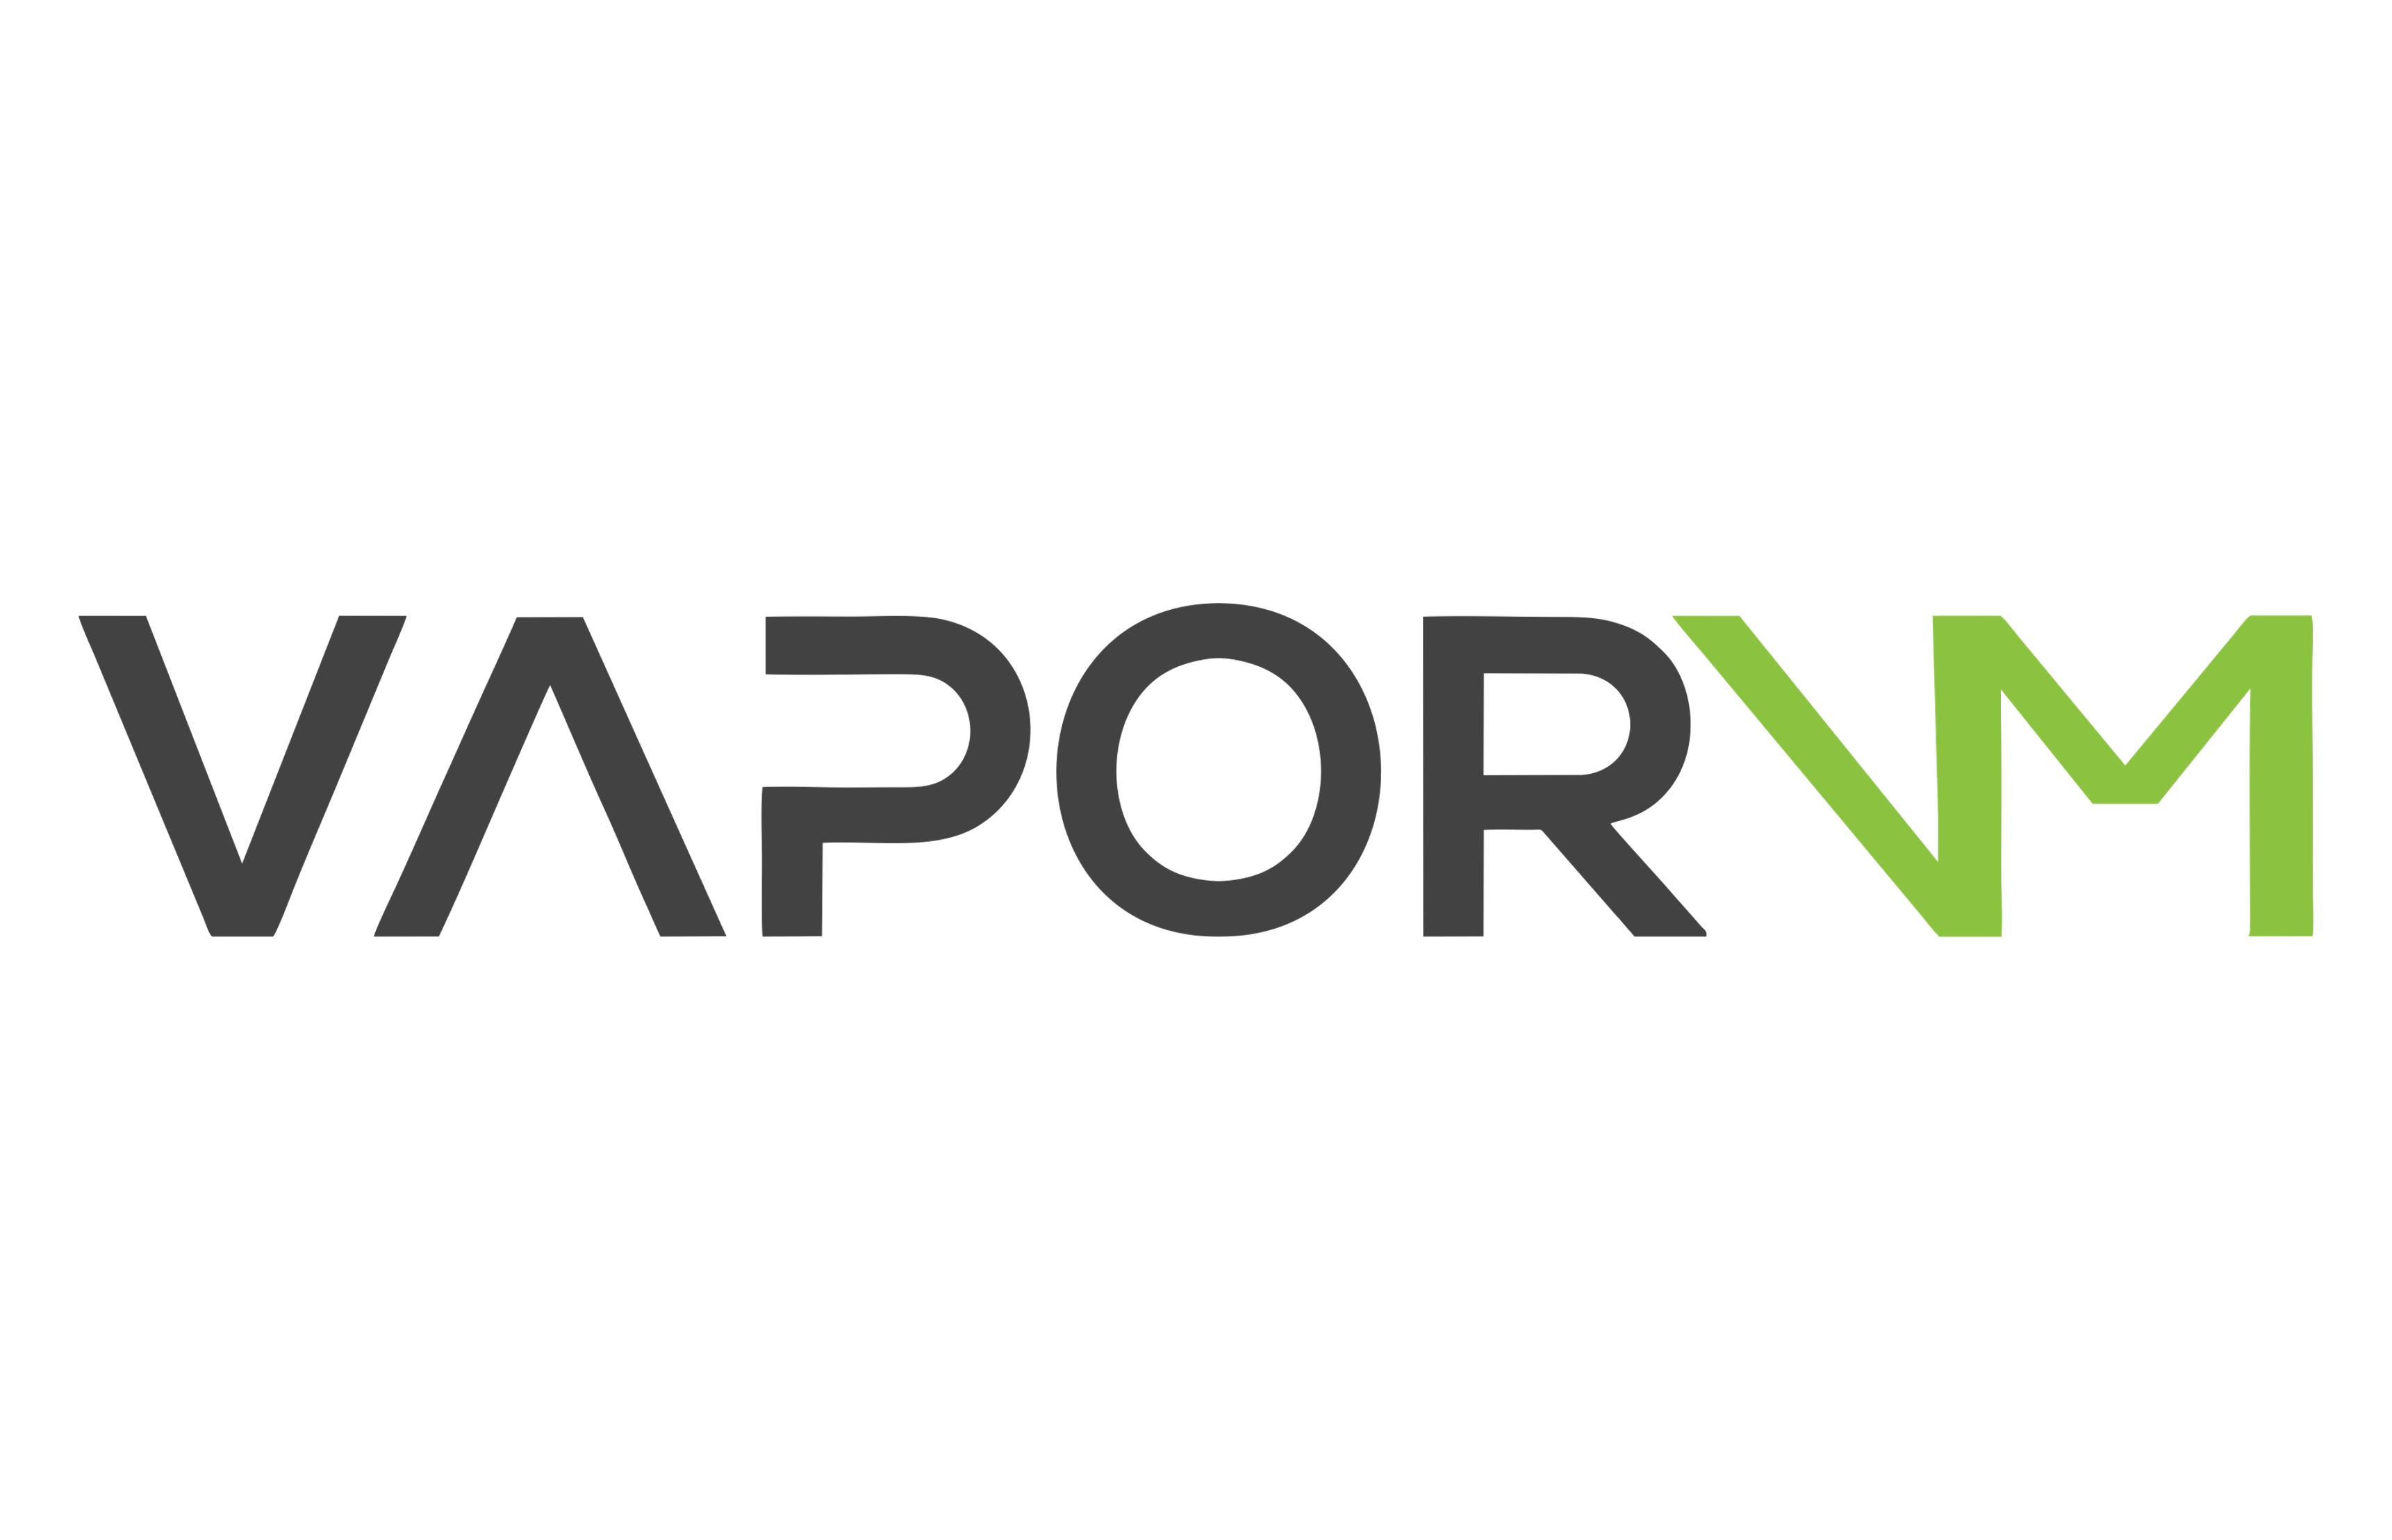 VAPOR VM IT SERVICES DMCC